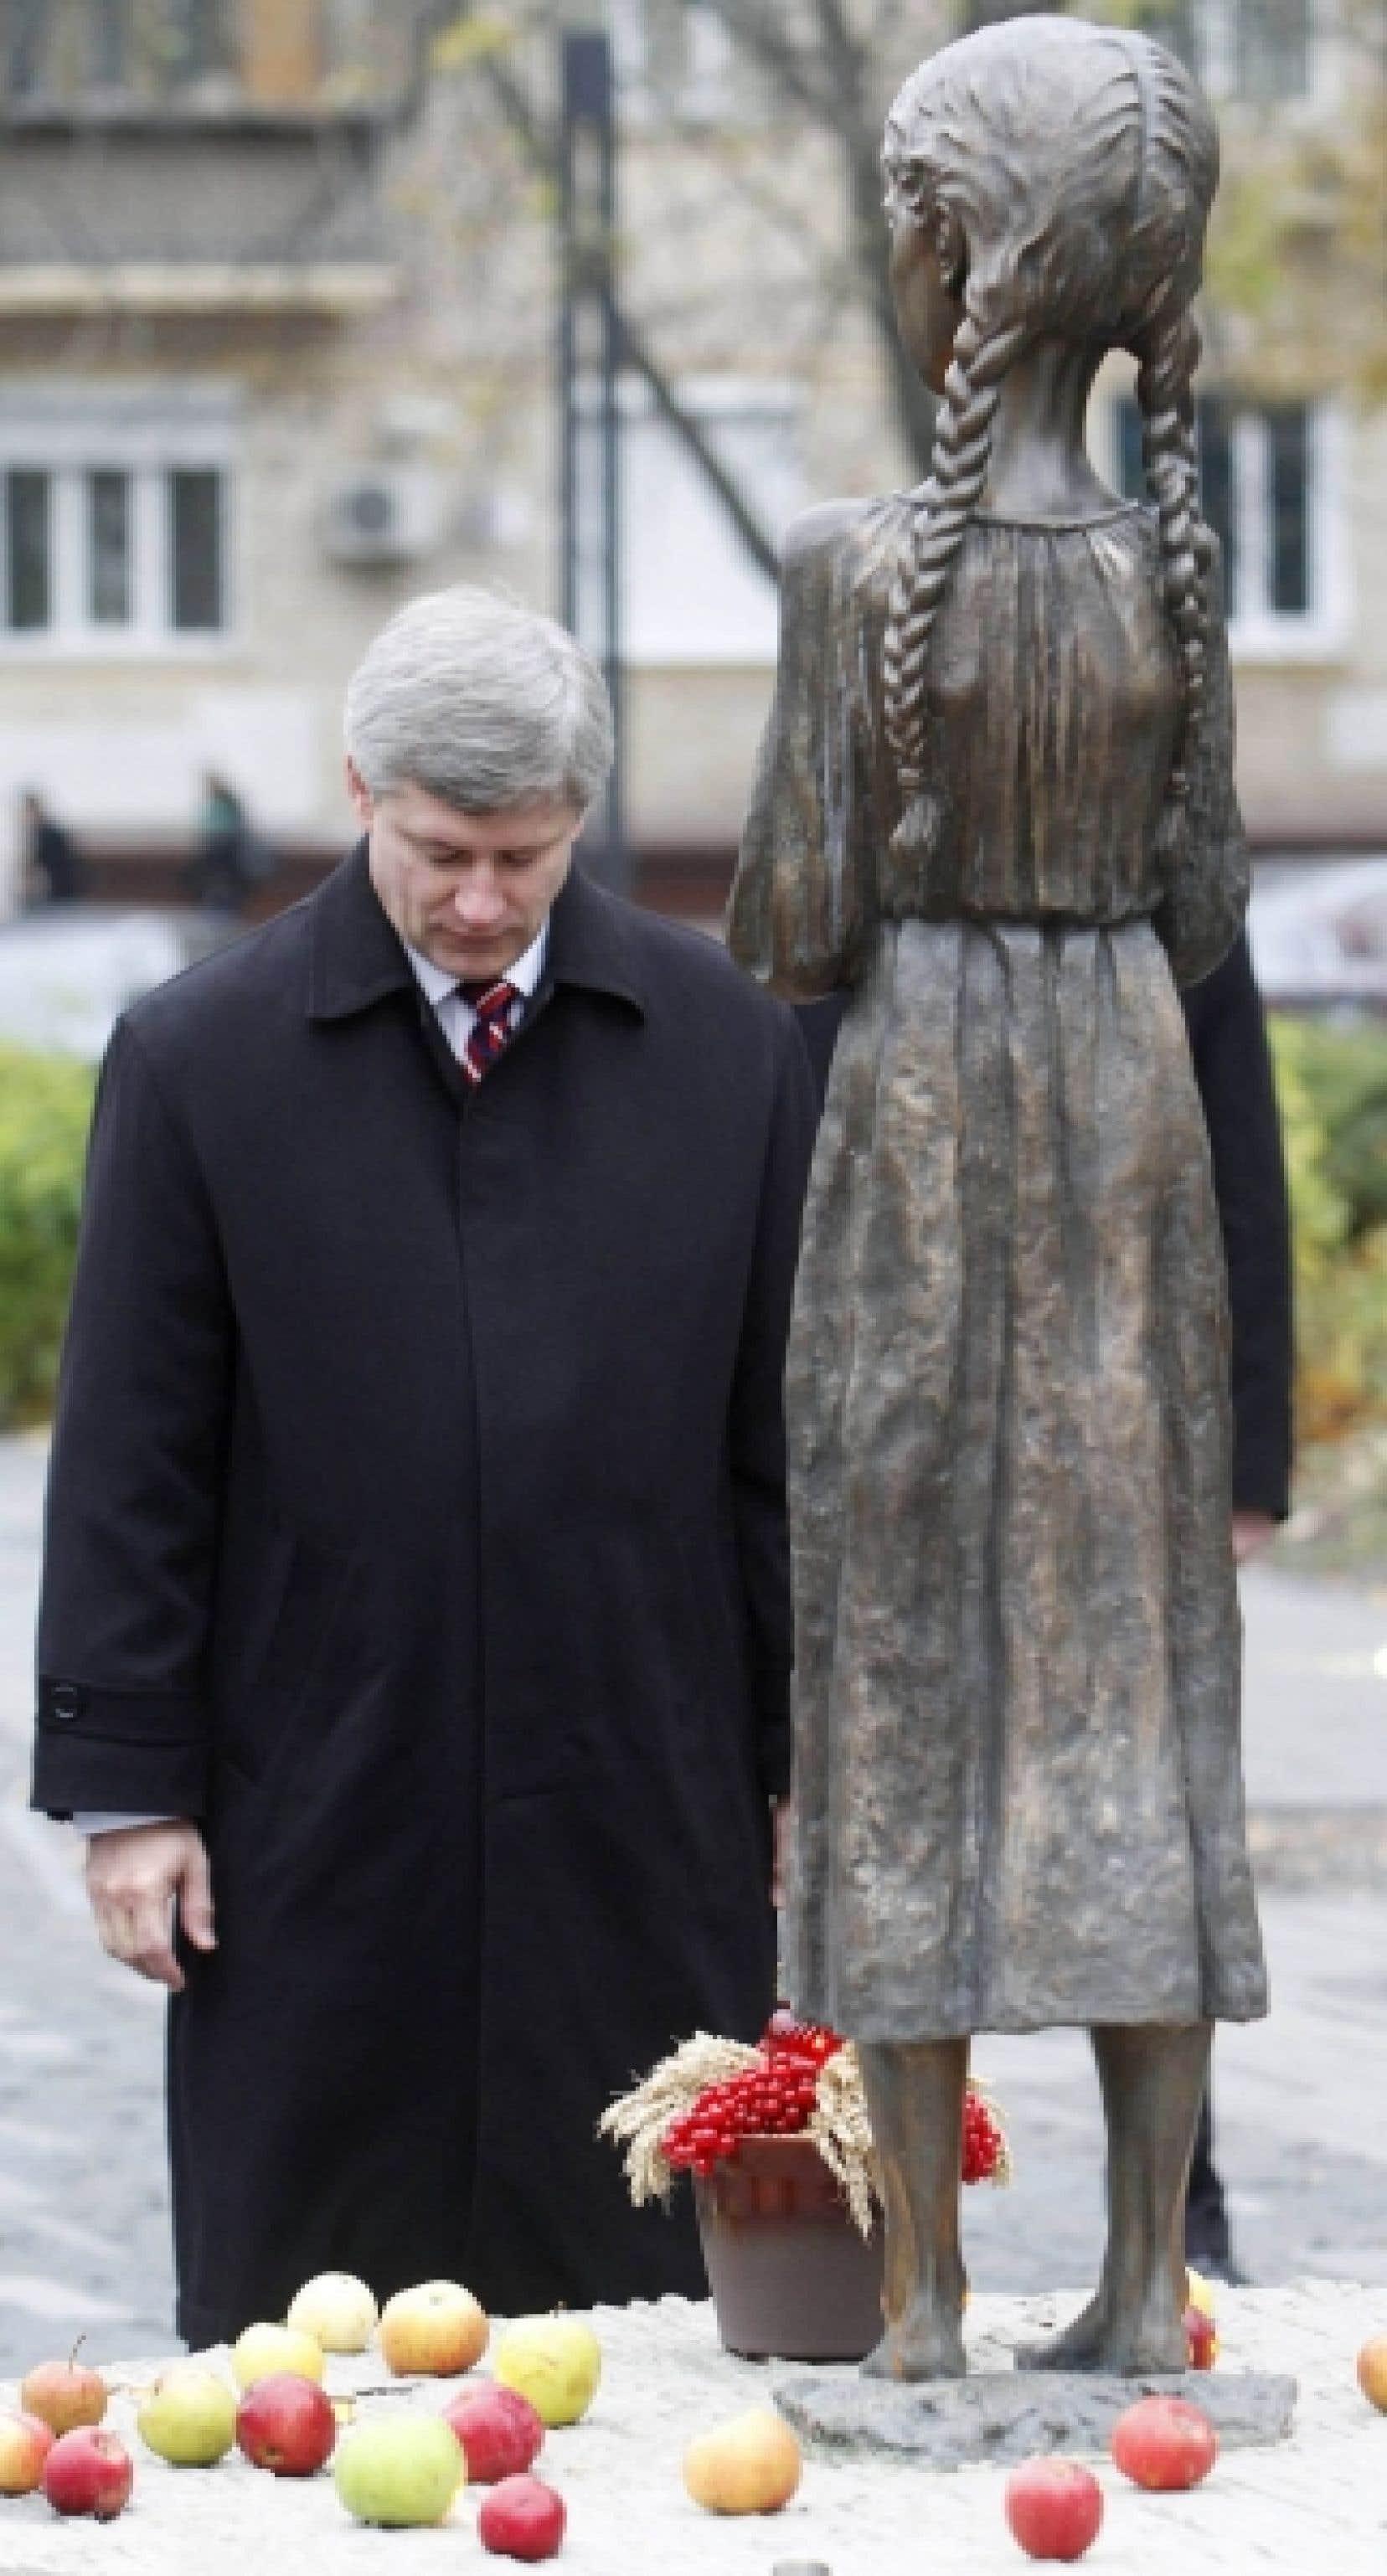 En visite officielle en Ukraine, le premier ministre Stephen Harper a déposé un pot de grains au pied de la statue de bronze d'une jeune fille émaciée. Le monument a été érigé à la mémoire des millions de personnes qui sont mortes affamées dans les années 1930, sous le régime soviétique.<br />